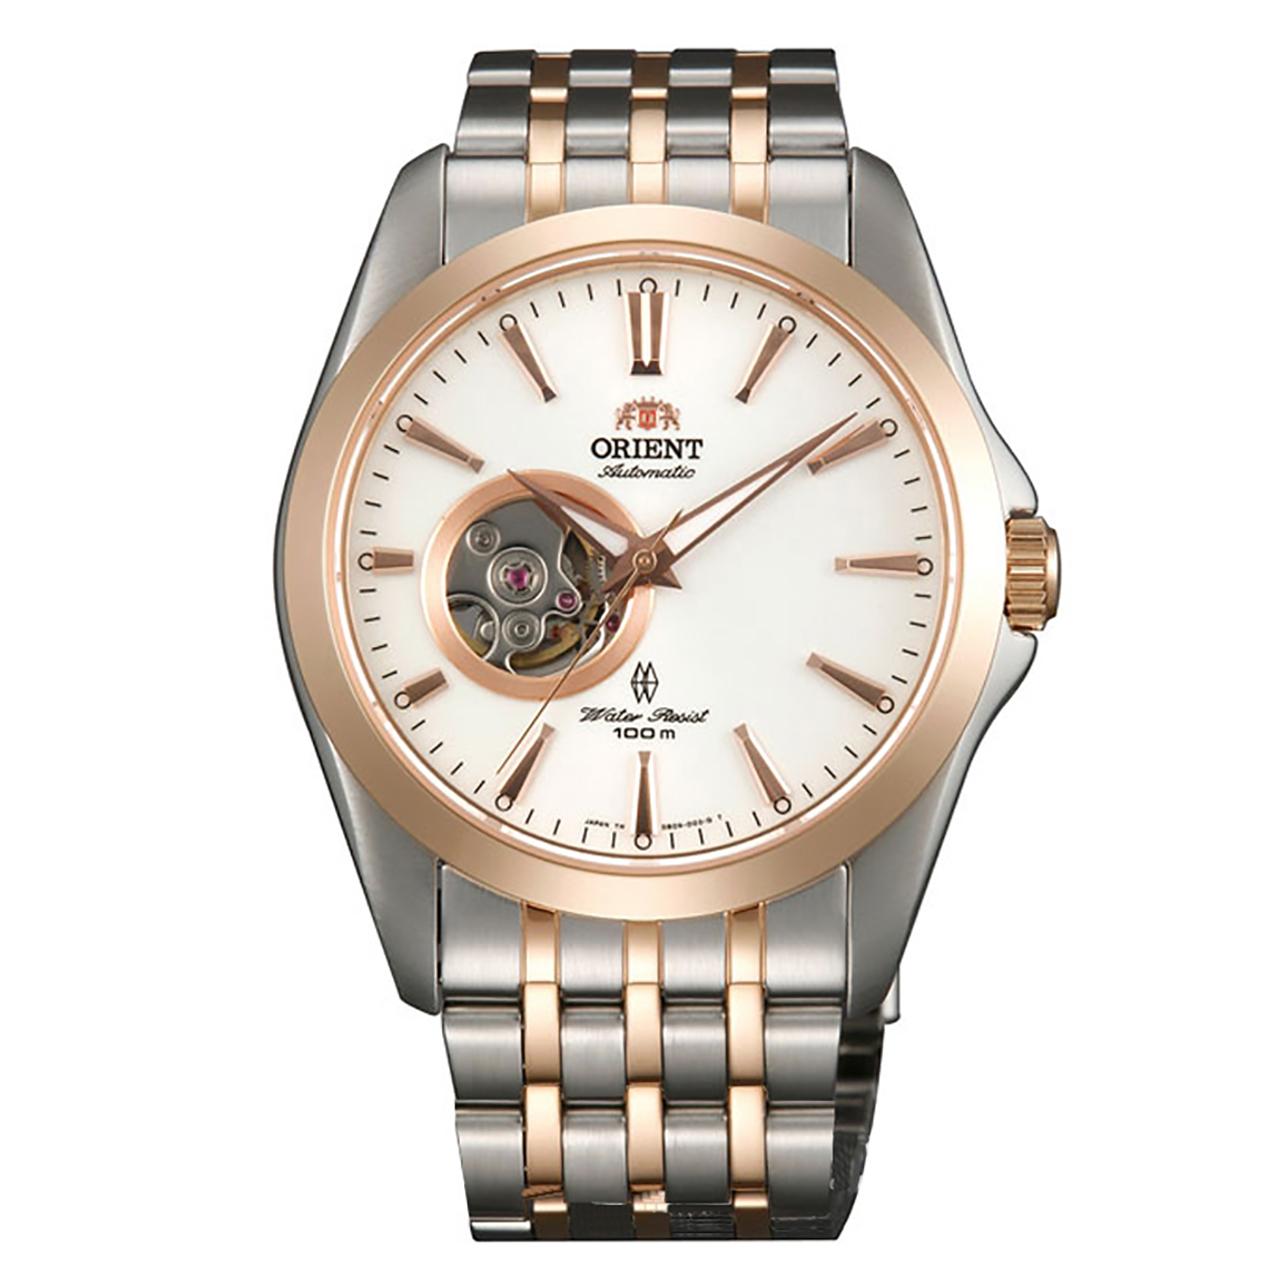 ساعت مچی عقربه ای مردانه اورینت مدل SDB09001W0